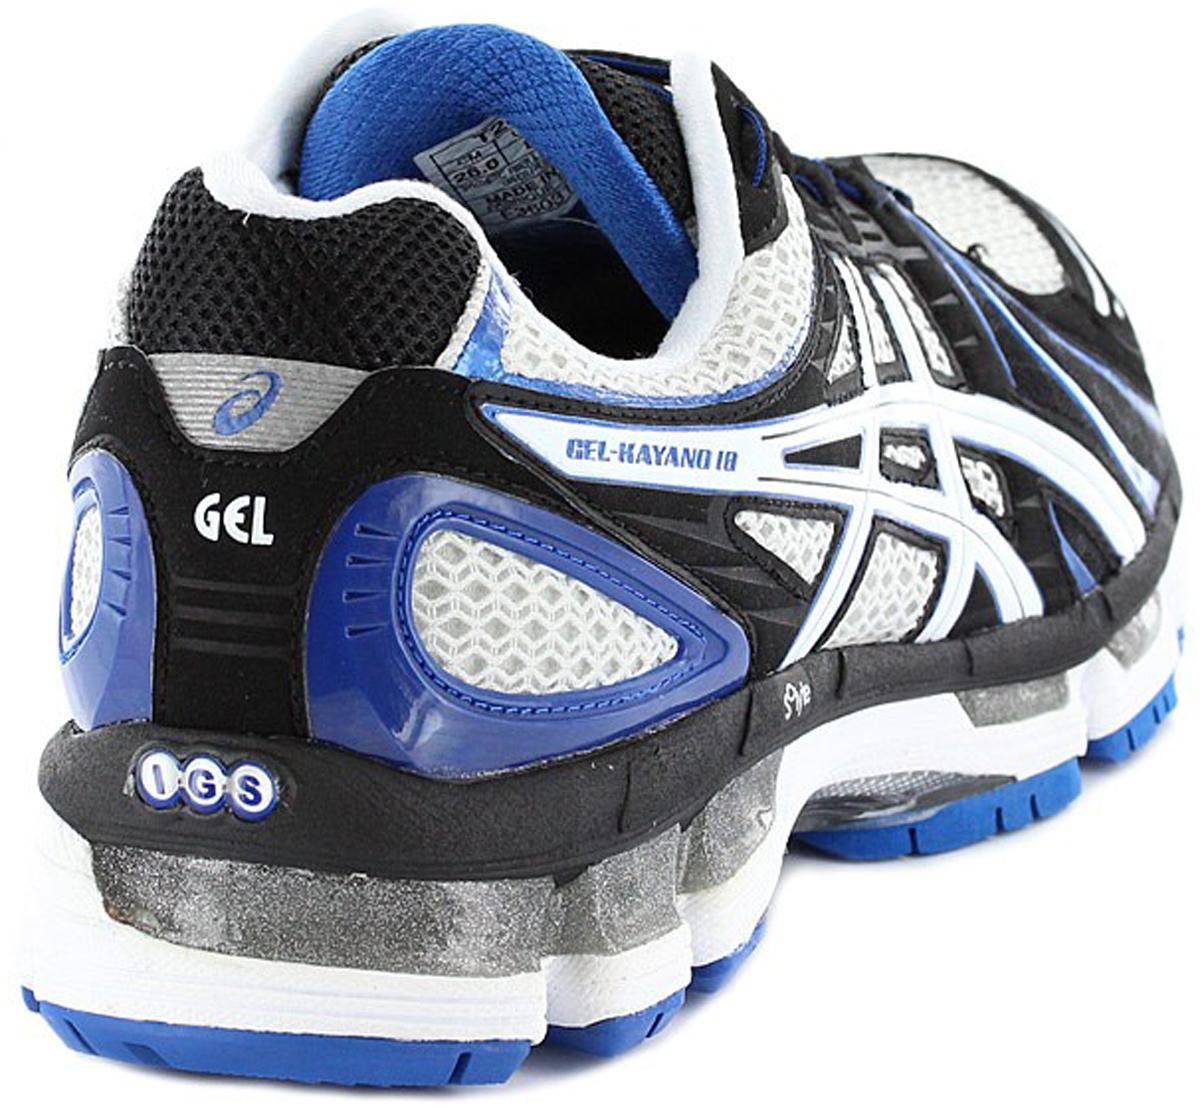 Asics Gel-Kayano 18 Кроссовки для бега T2C4N 9301 купите в интернет ... 990edd4de73